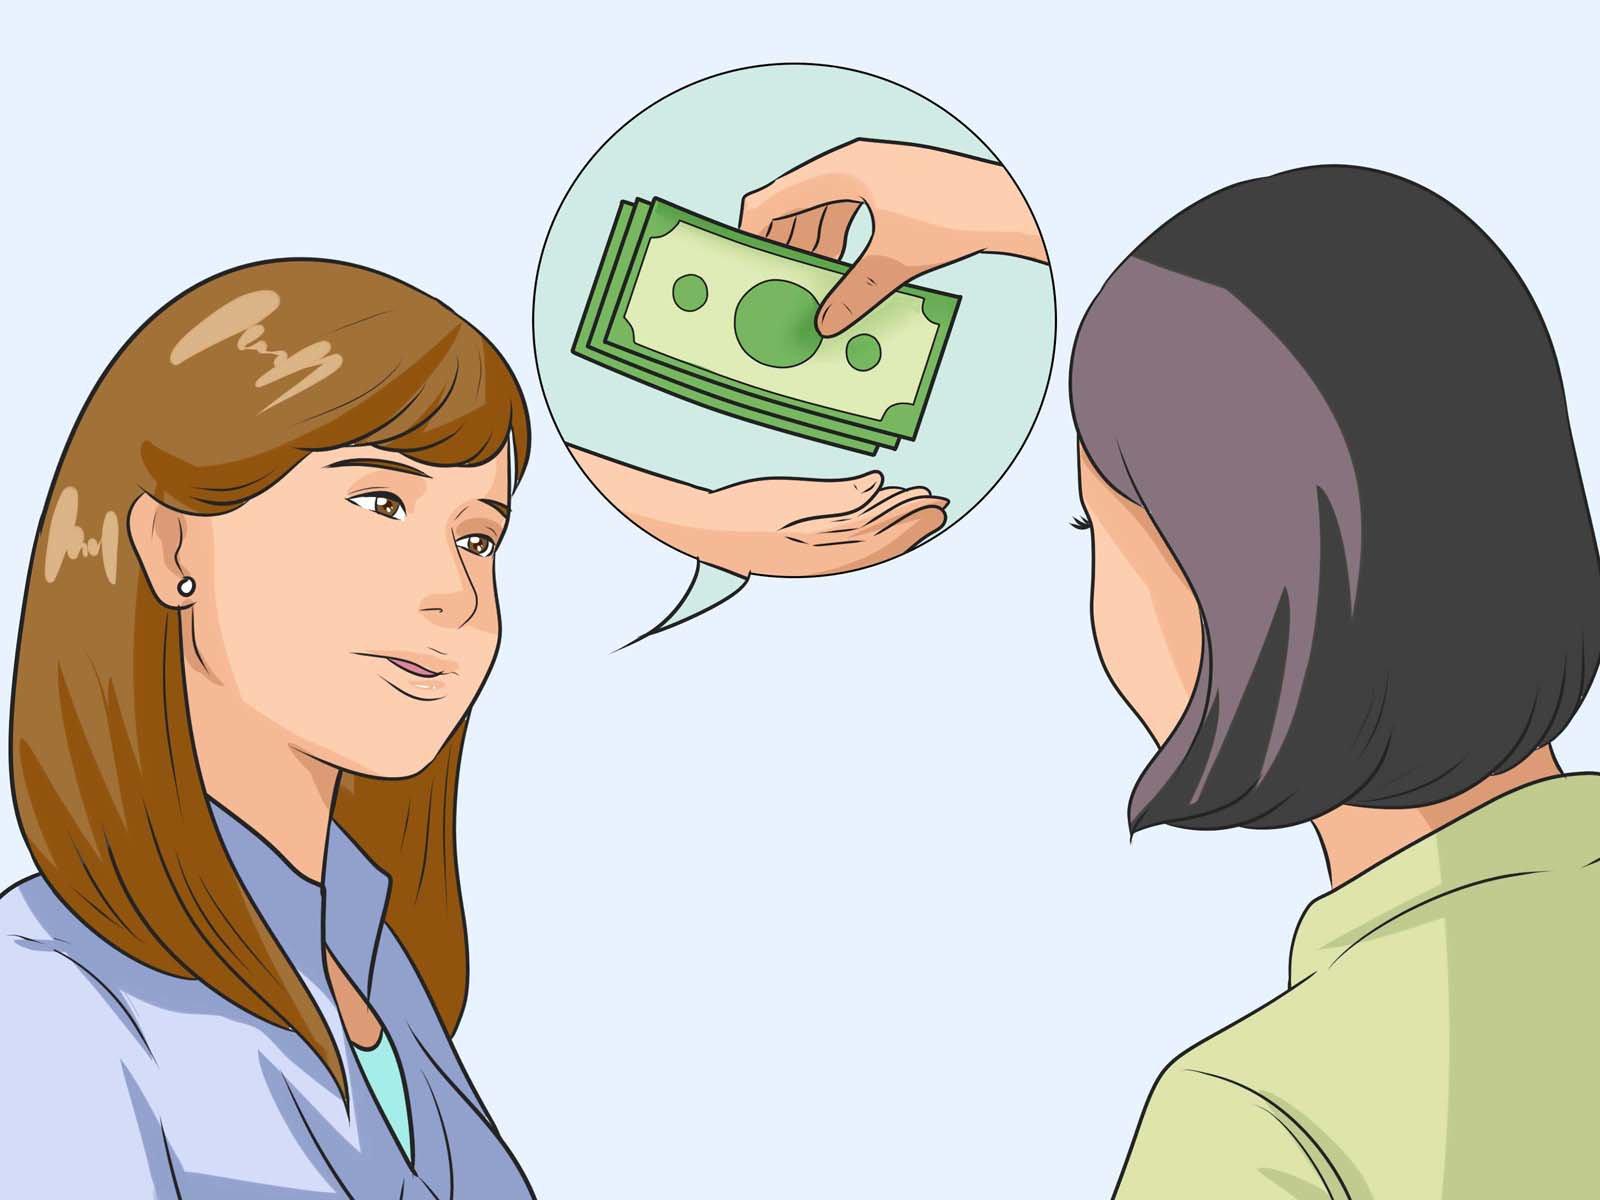 4 cách khéo léo từ chối cho vay tiền giúp người cả nể nhất cũng làm được - 1